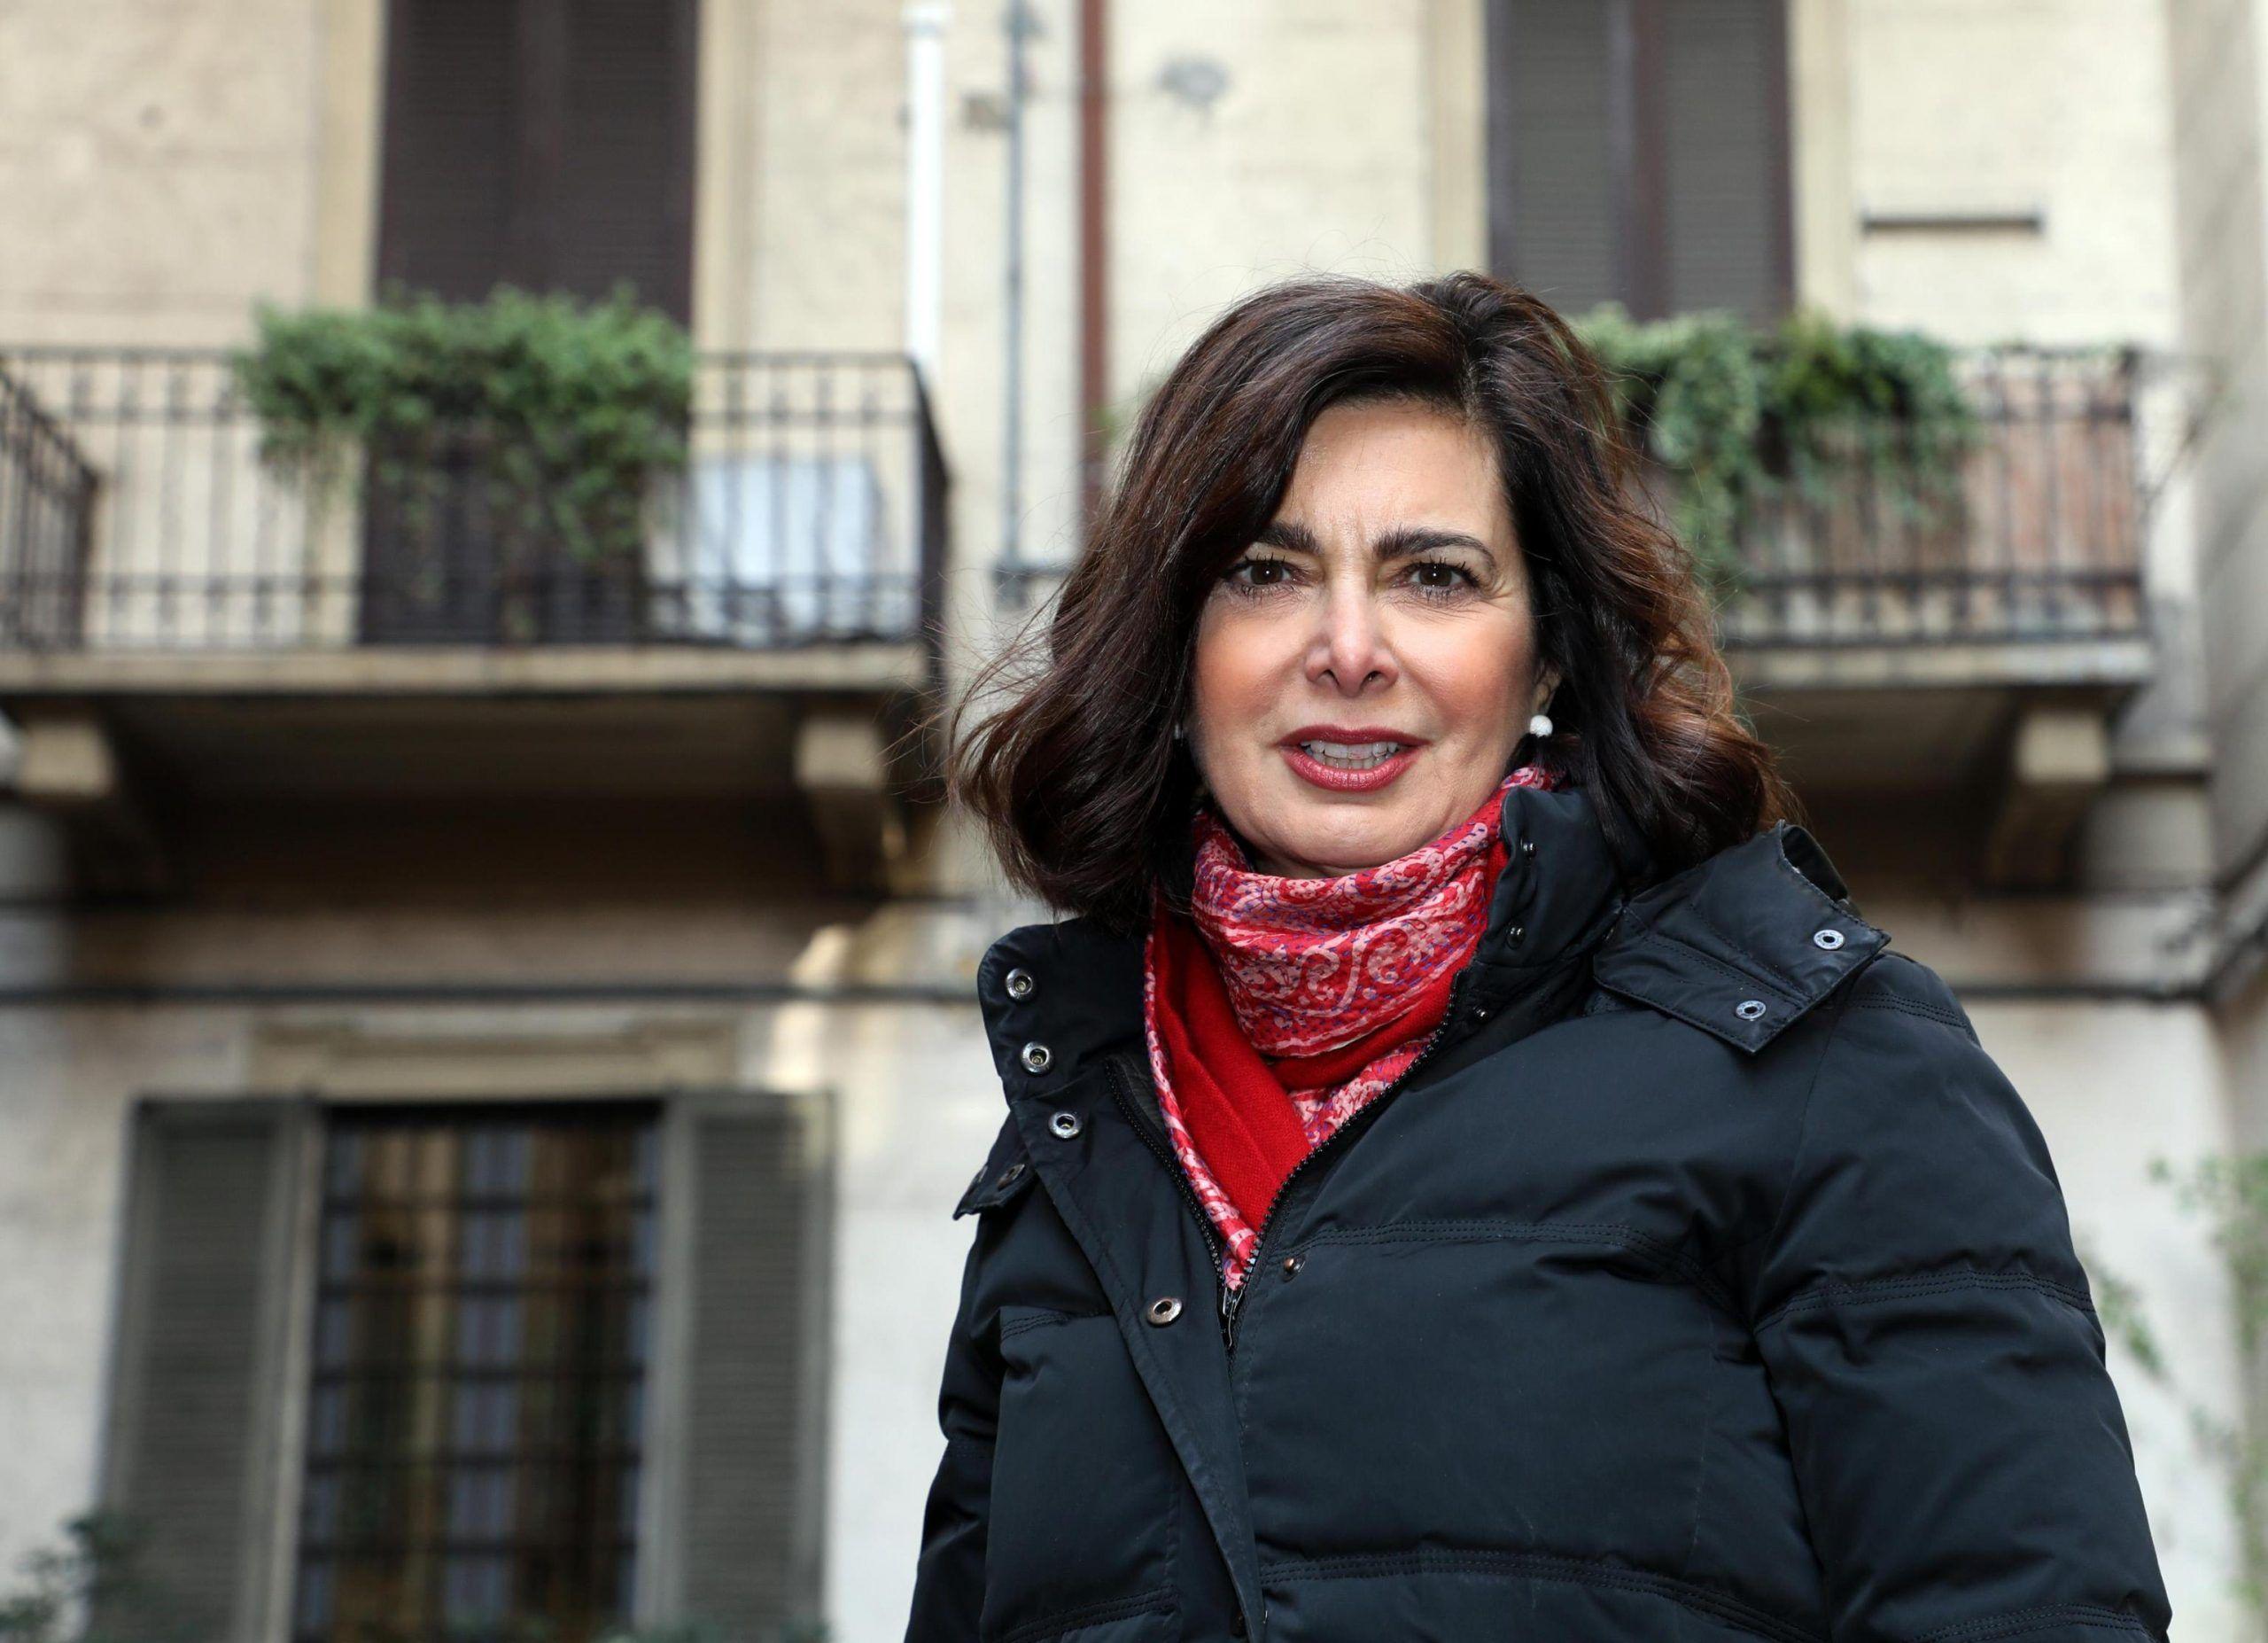 Laura Boldrini vuole fondare LUE, un nuovo partito unitario